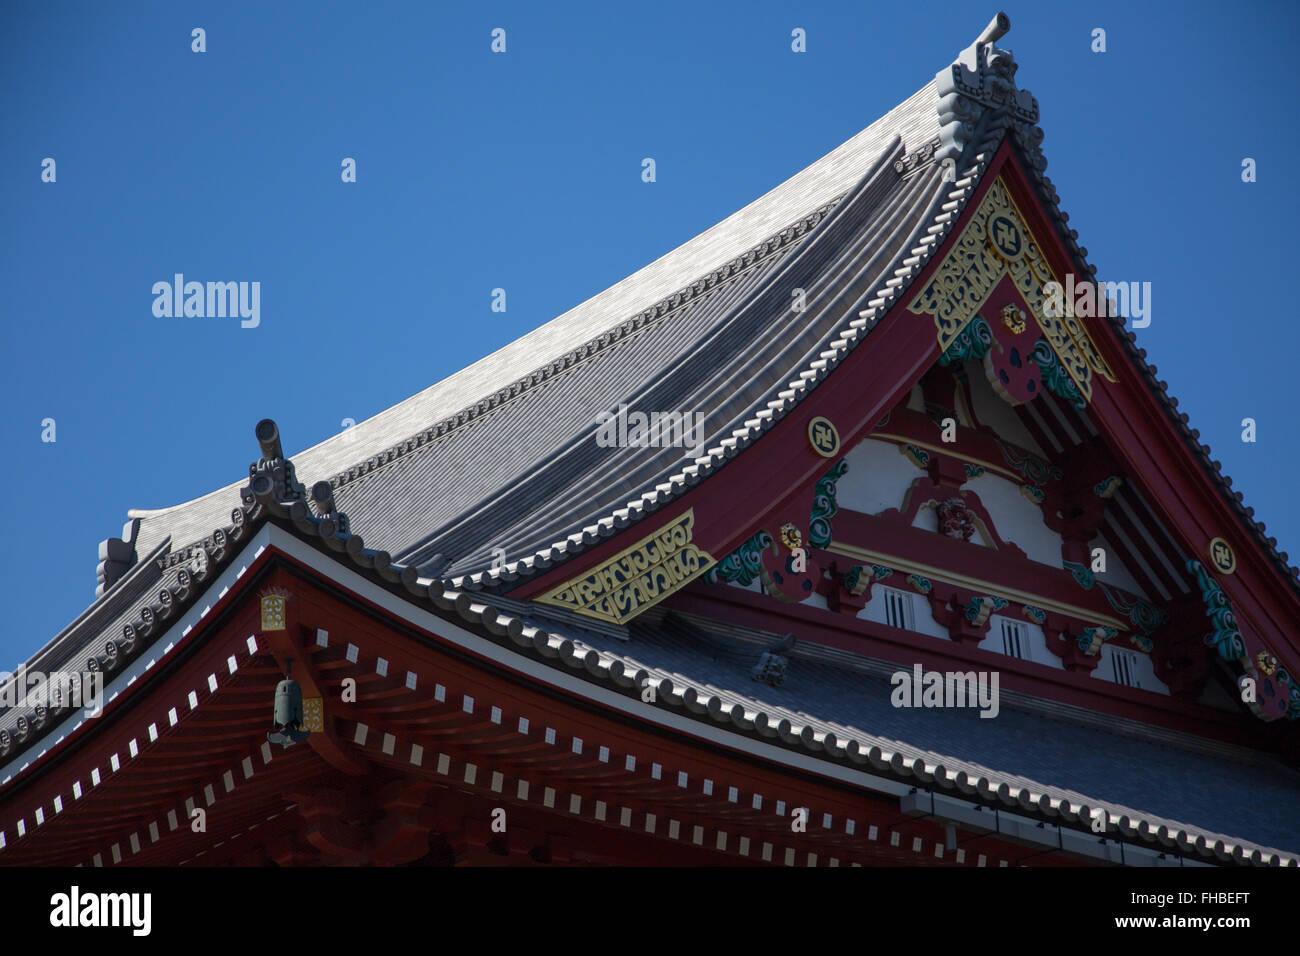 Japanischer Tempel in Asakusa, Tokio Japan Stockbild